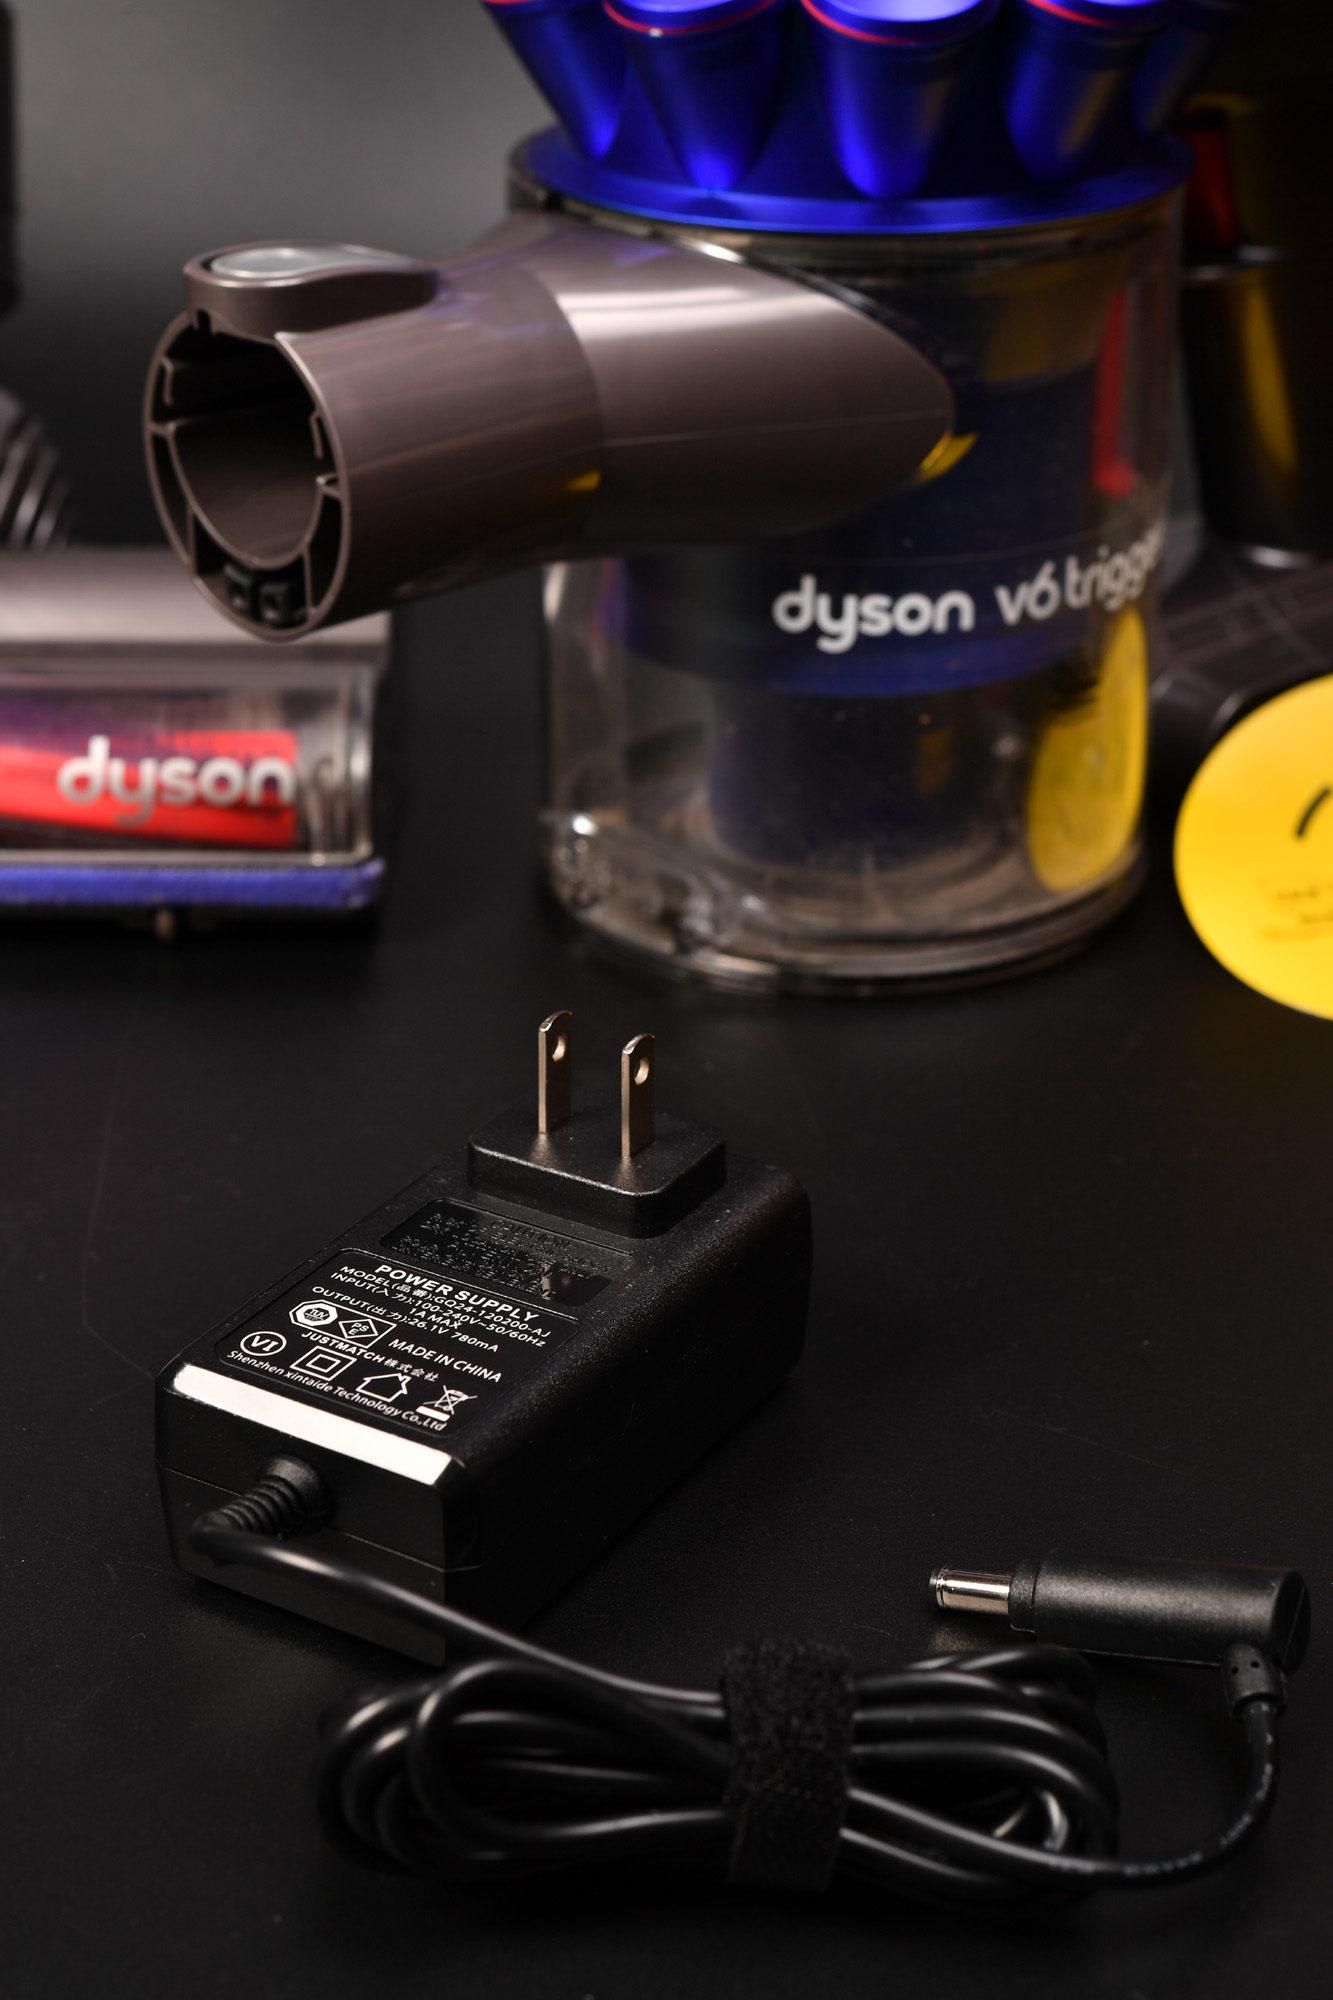 dyson V6 互換バッテリー購入してみました。